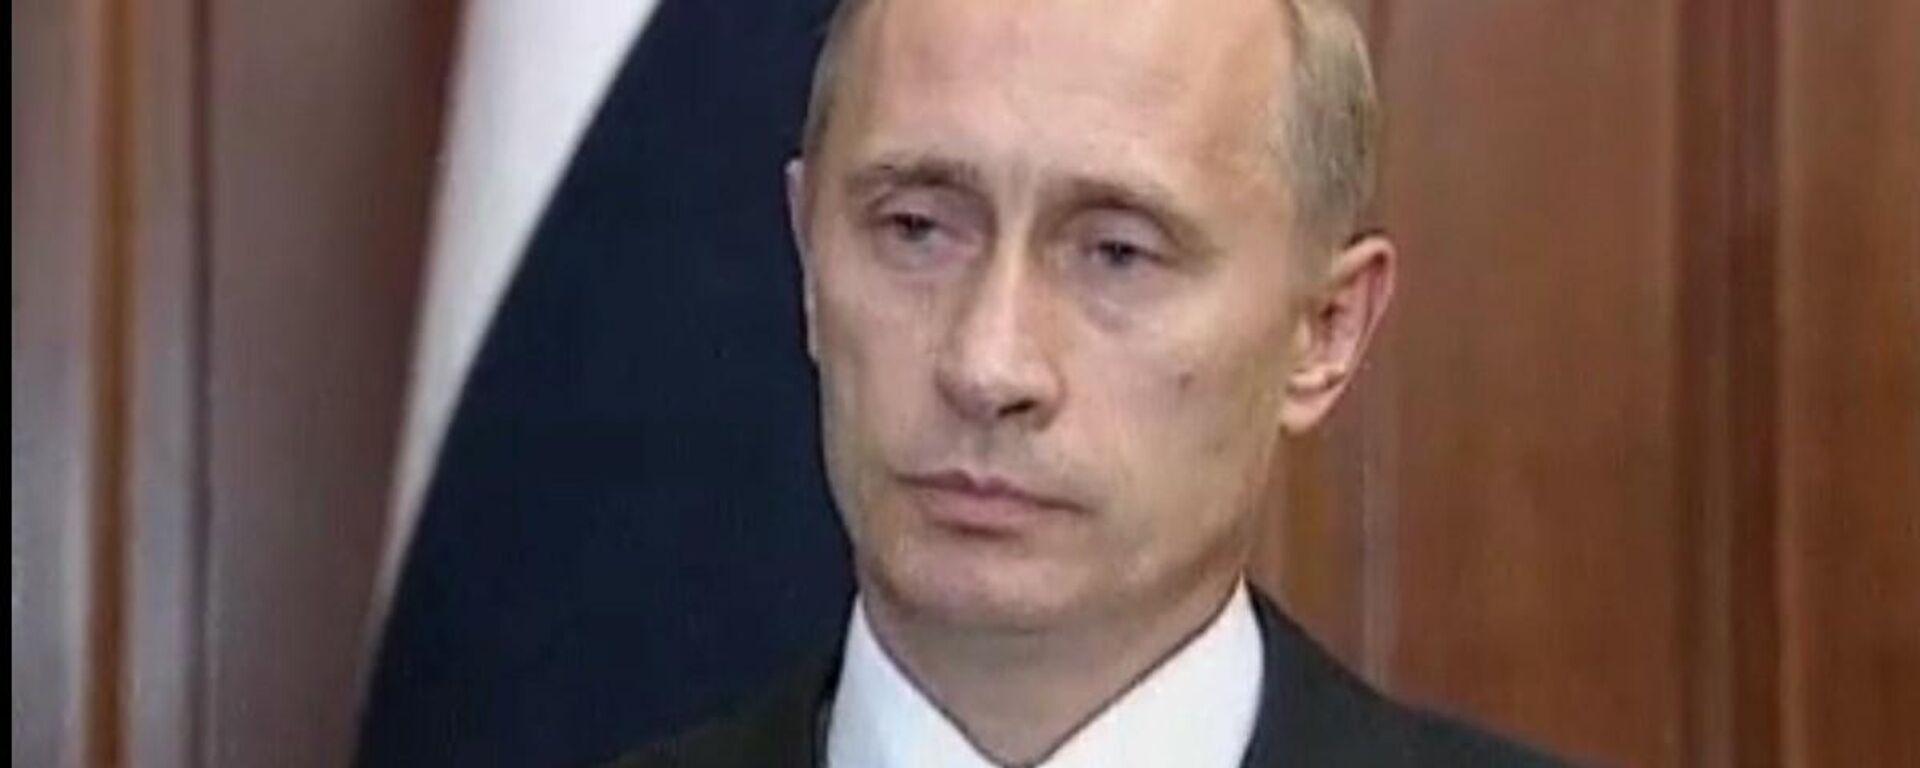 11 settembre, Putin nel 2001: Russia sa in prima persona cos'è il terrorismo, siamo con voi - Sputnik Italia, 1920, 11.09.2021